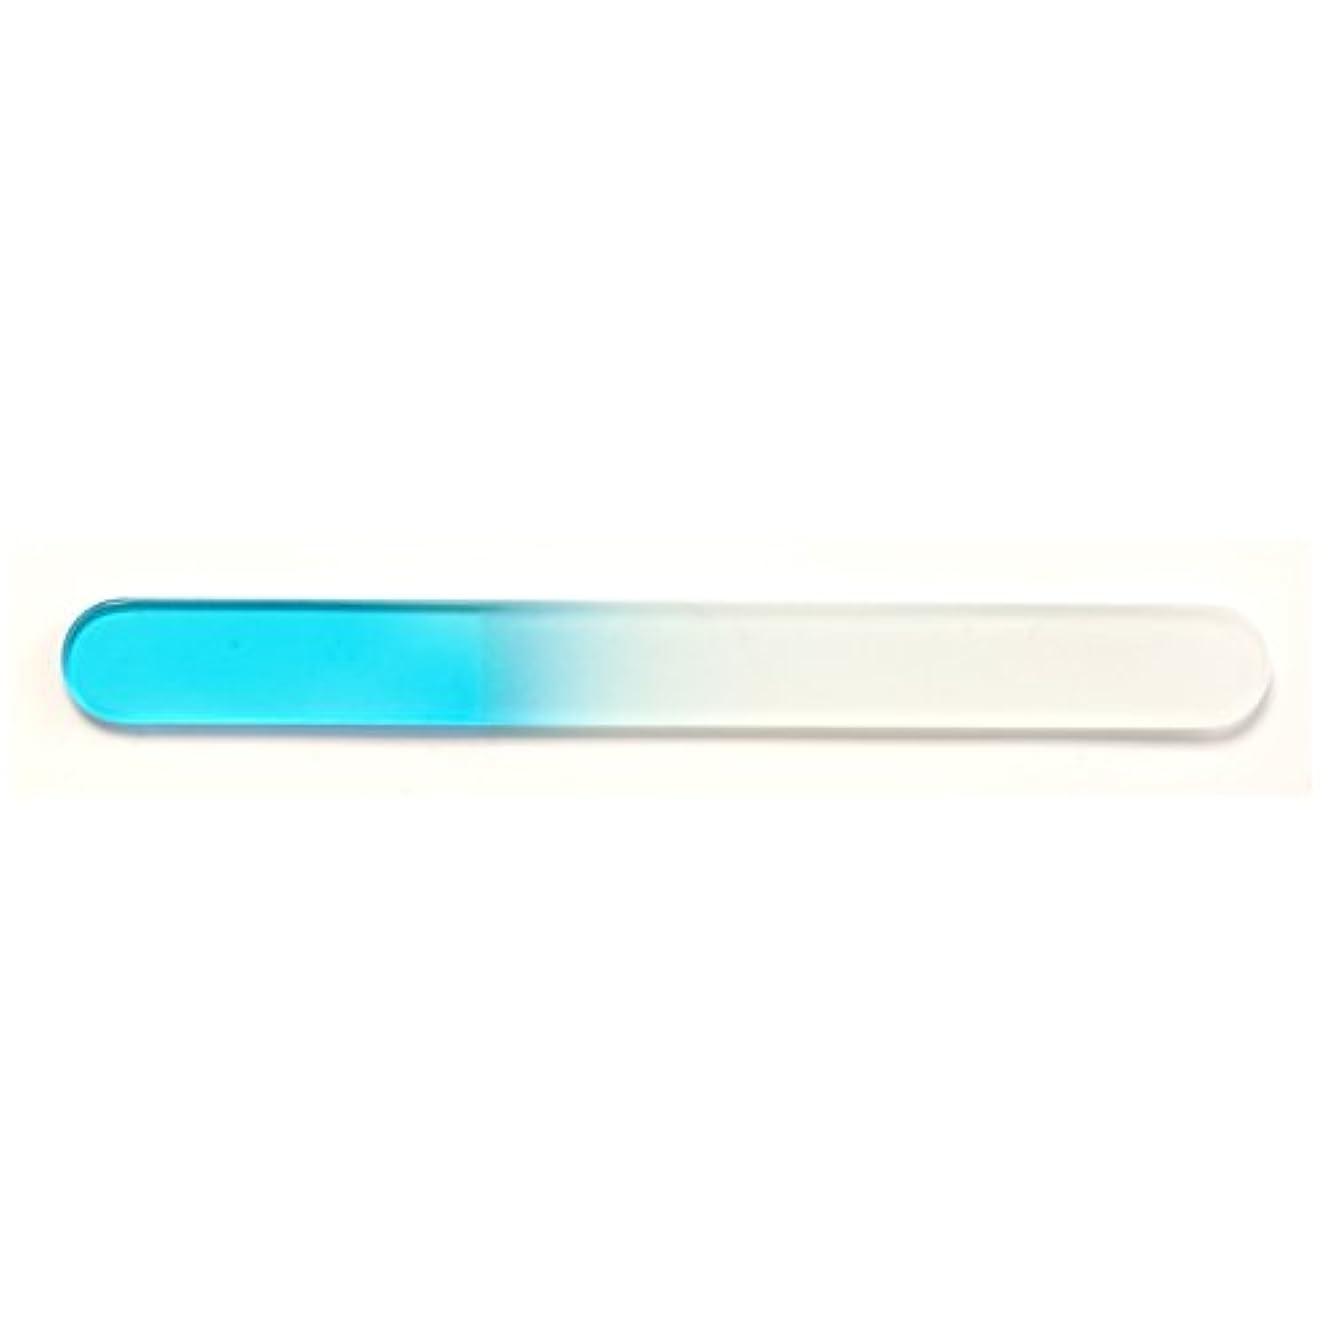 揃える好ましいサイトMY GEL(マイジェル) 29グラスファイル 大 ブルー